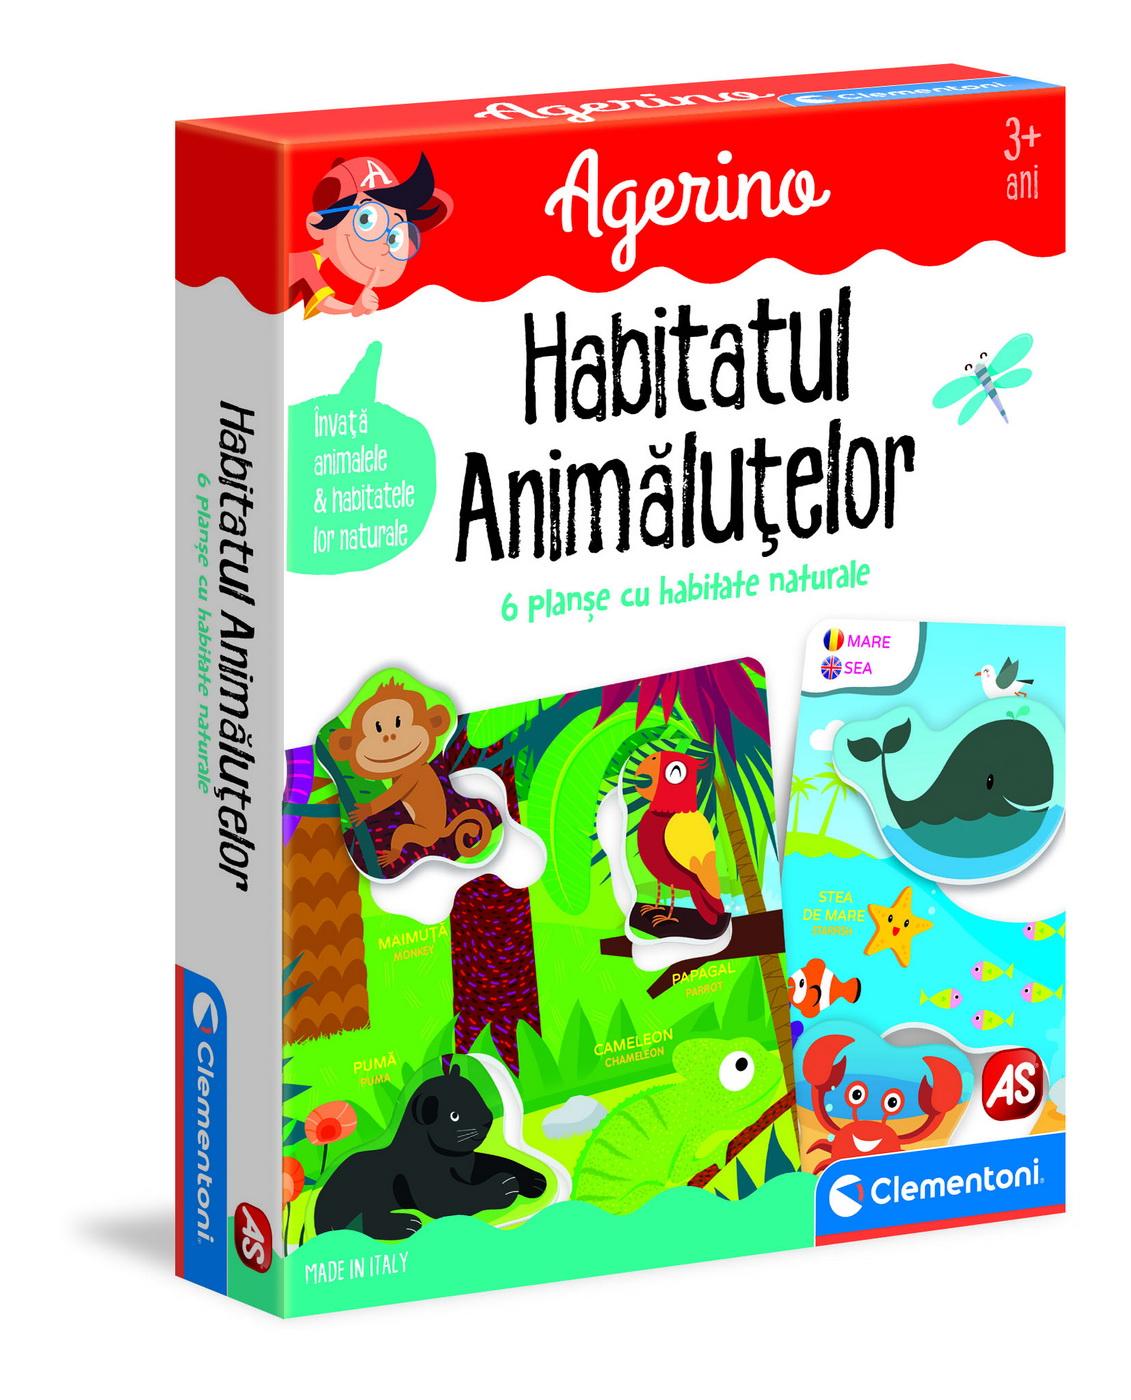 Joc - Agerino: Habitatul animalutelor | Clementoni